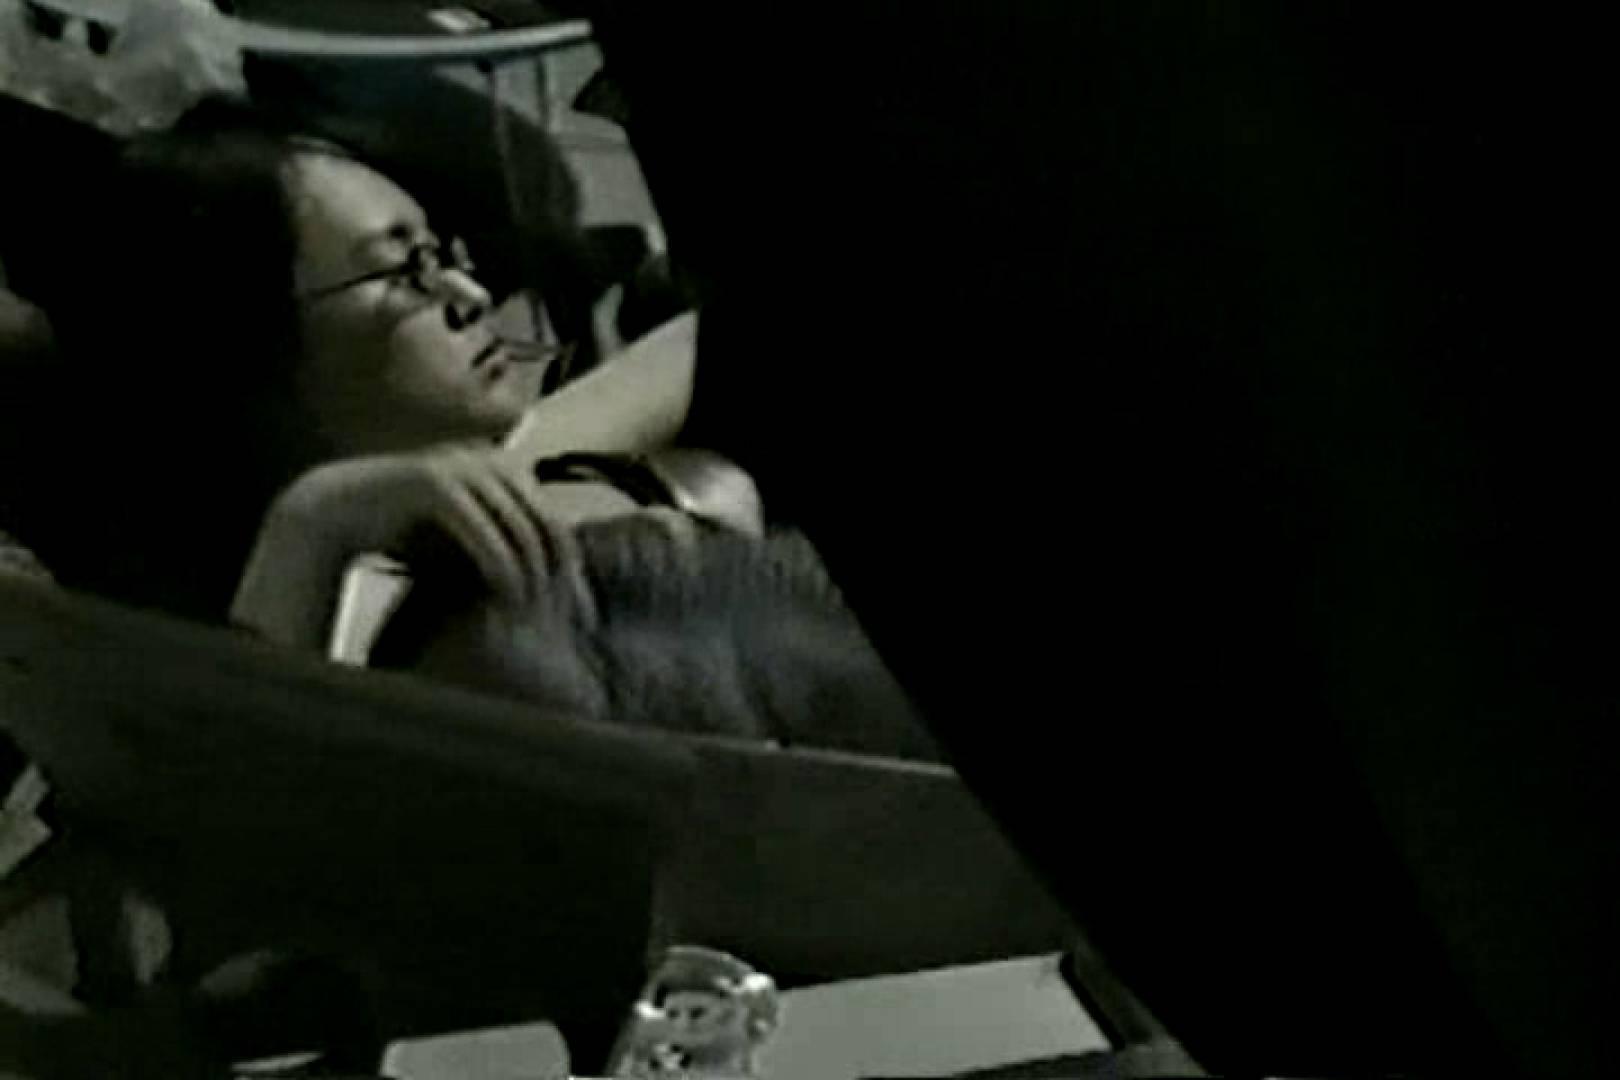 深夜の撮影会Vol.6 企画 オメコ動画キャプチャ 56pic 54